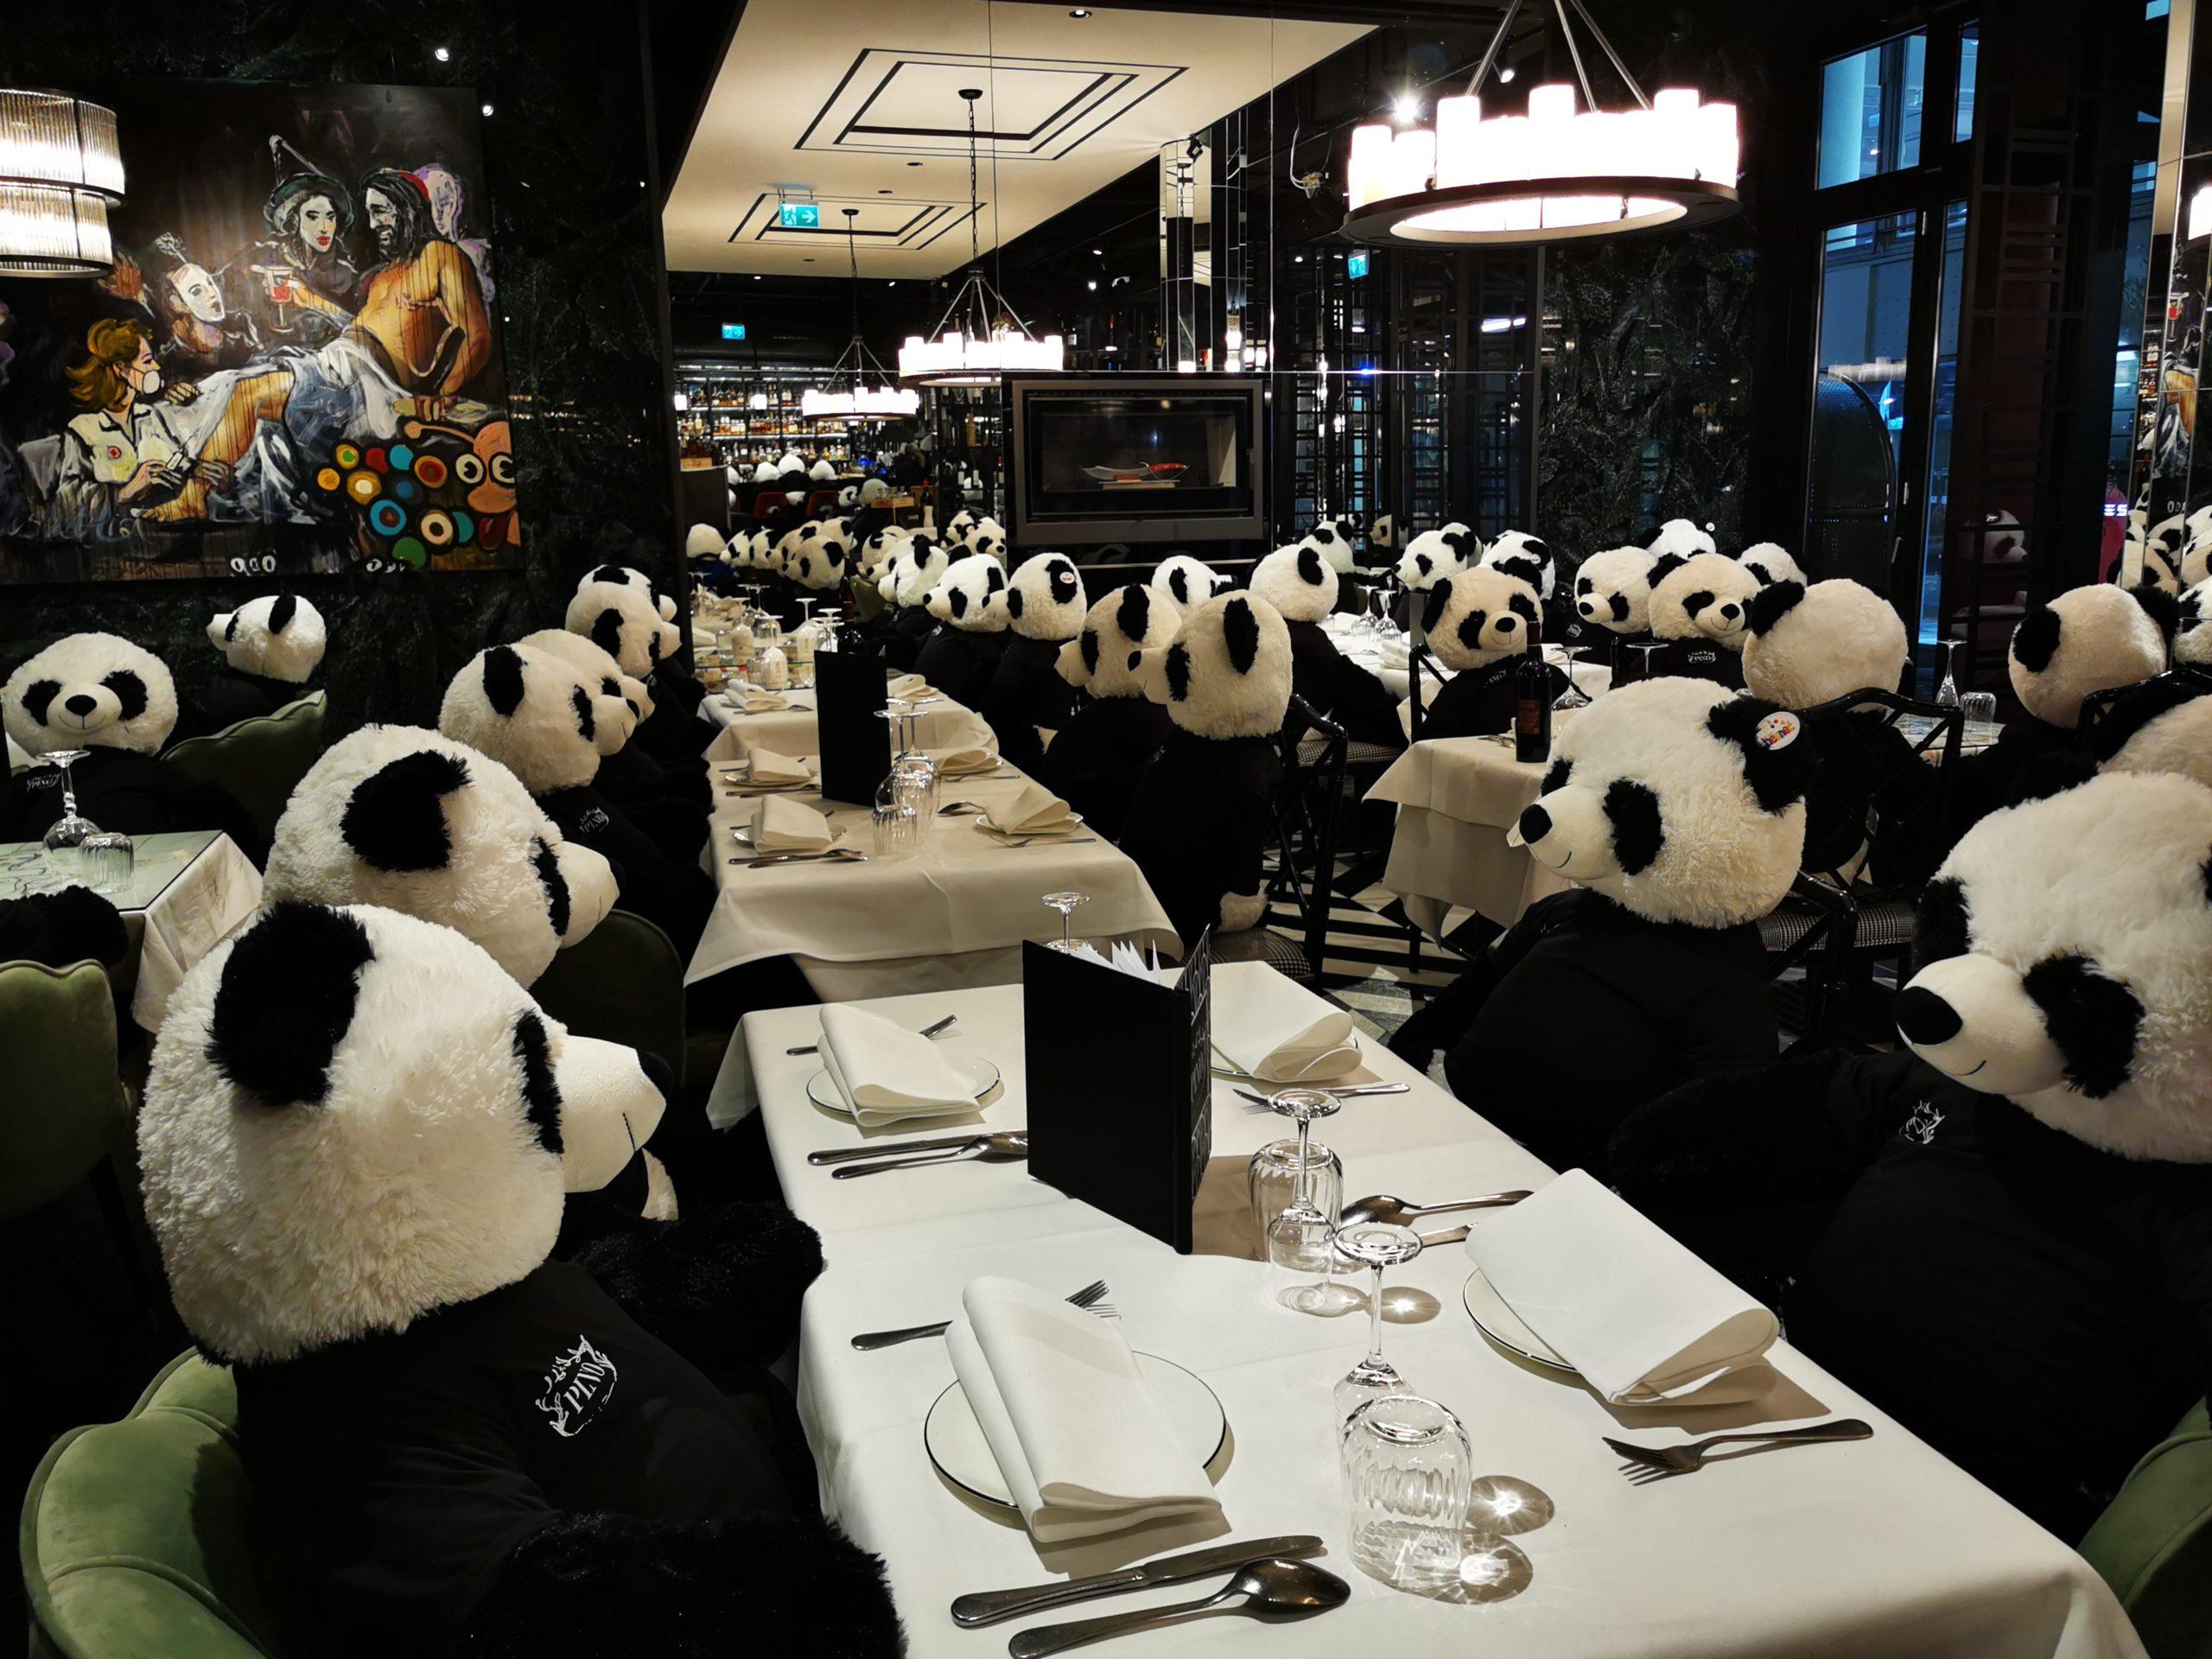 100 Giant Pandas besetzen Frankfurter Restaurant während des Corona Lockdowns.